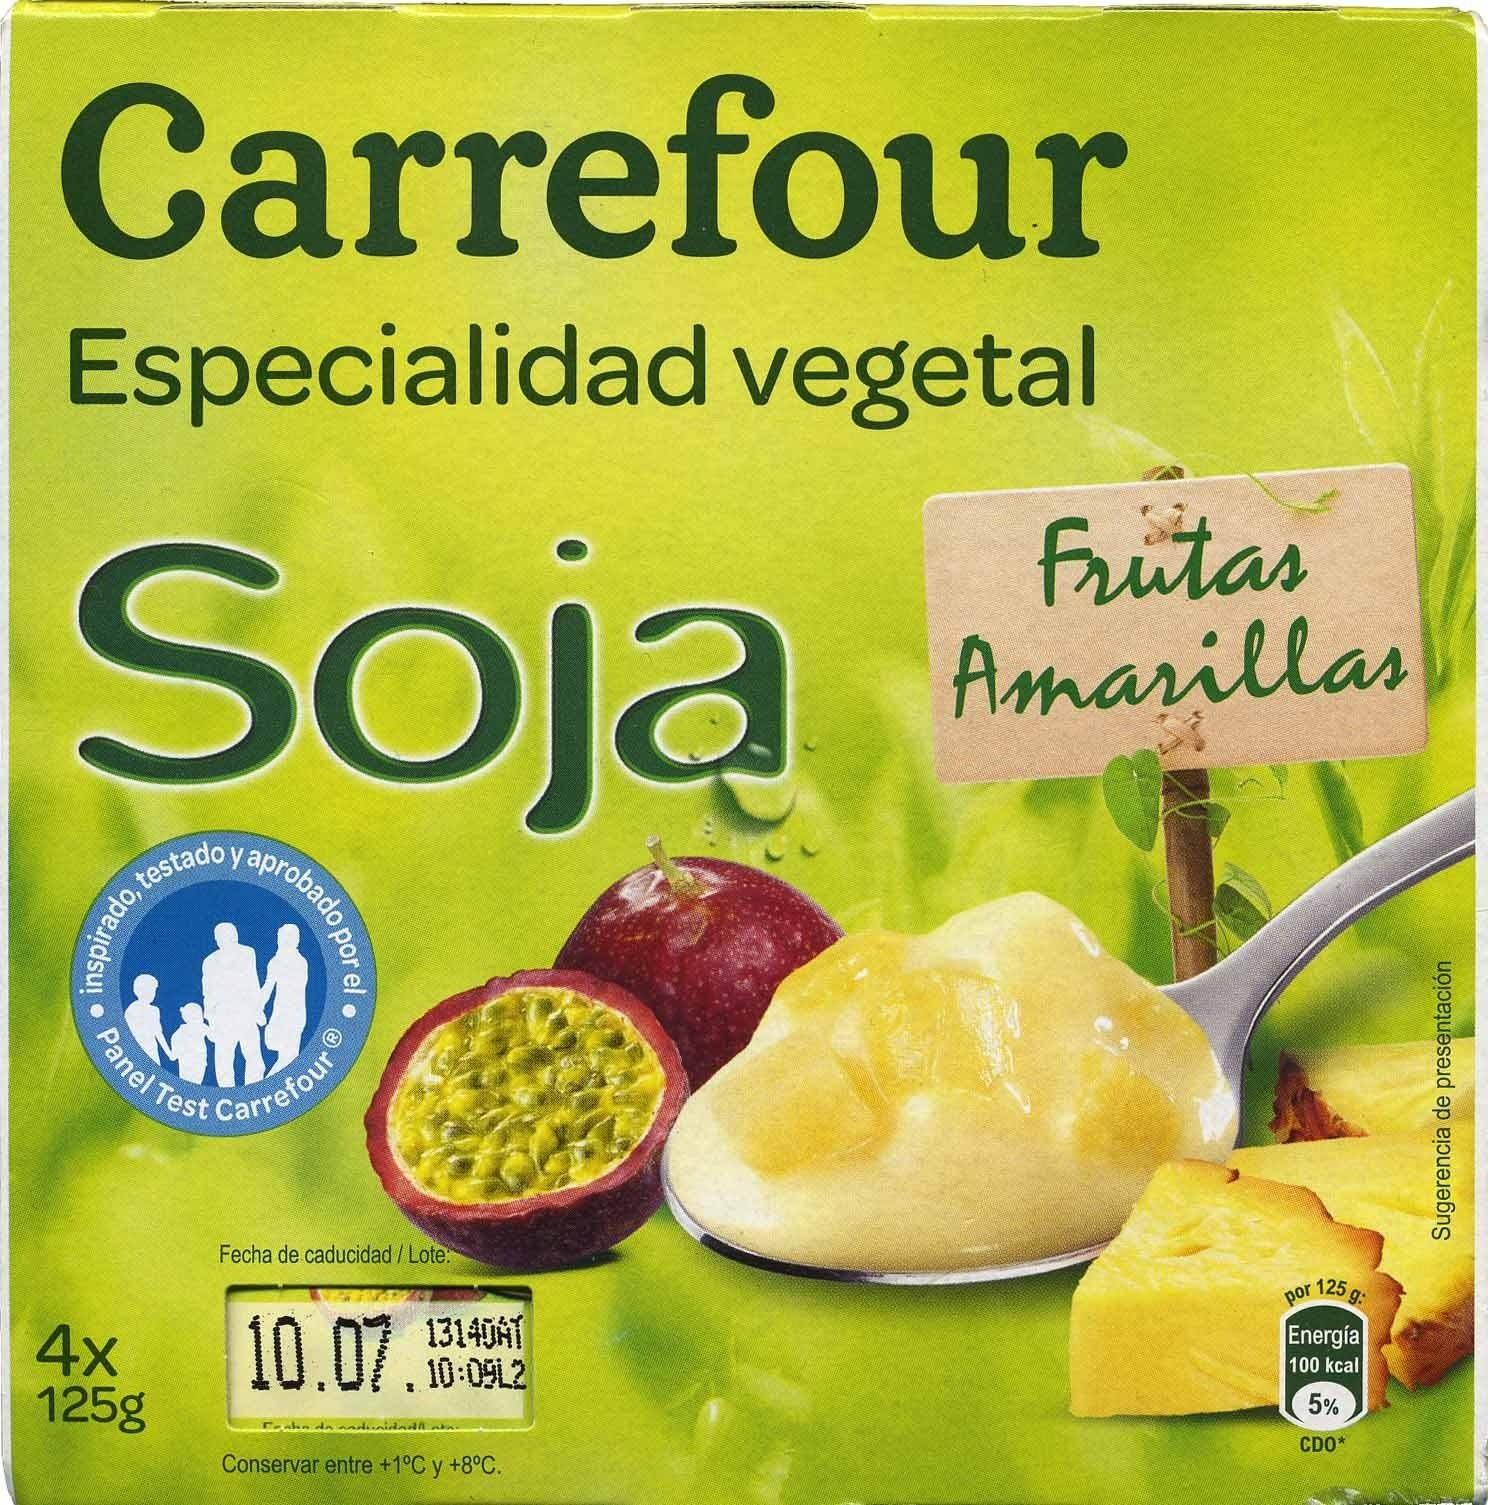 Especialidad vegetal soja frutas amarillas - Produit